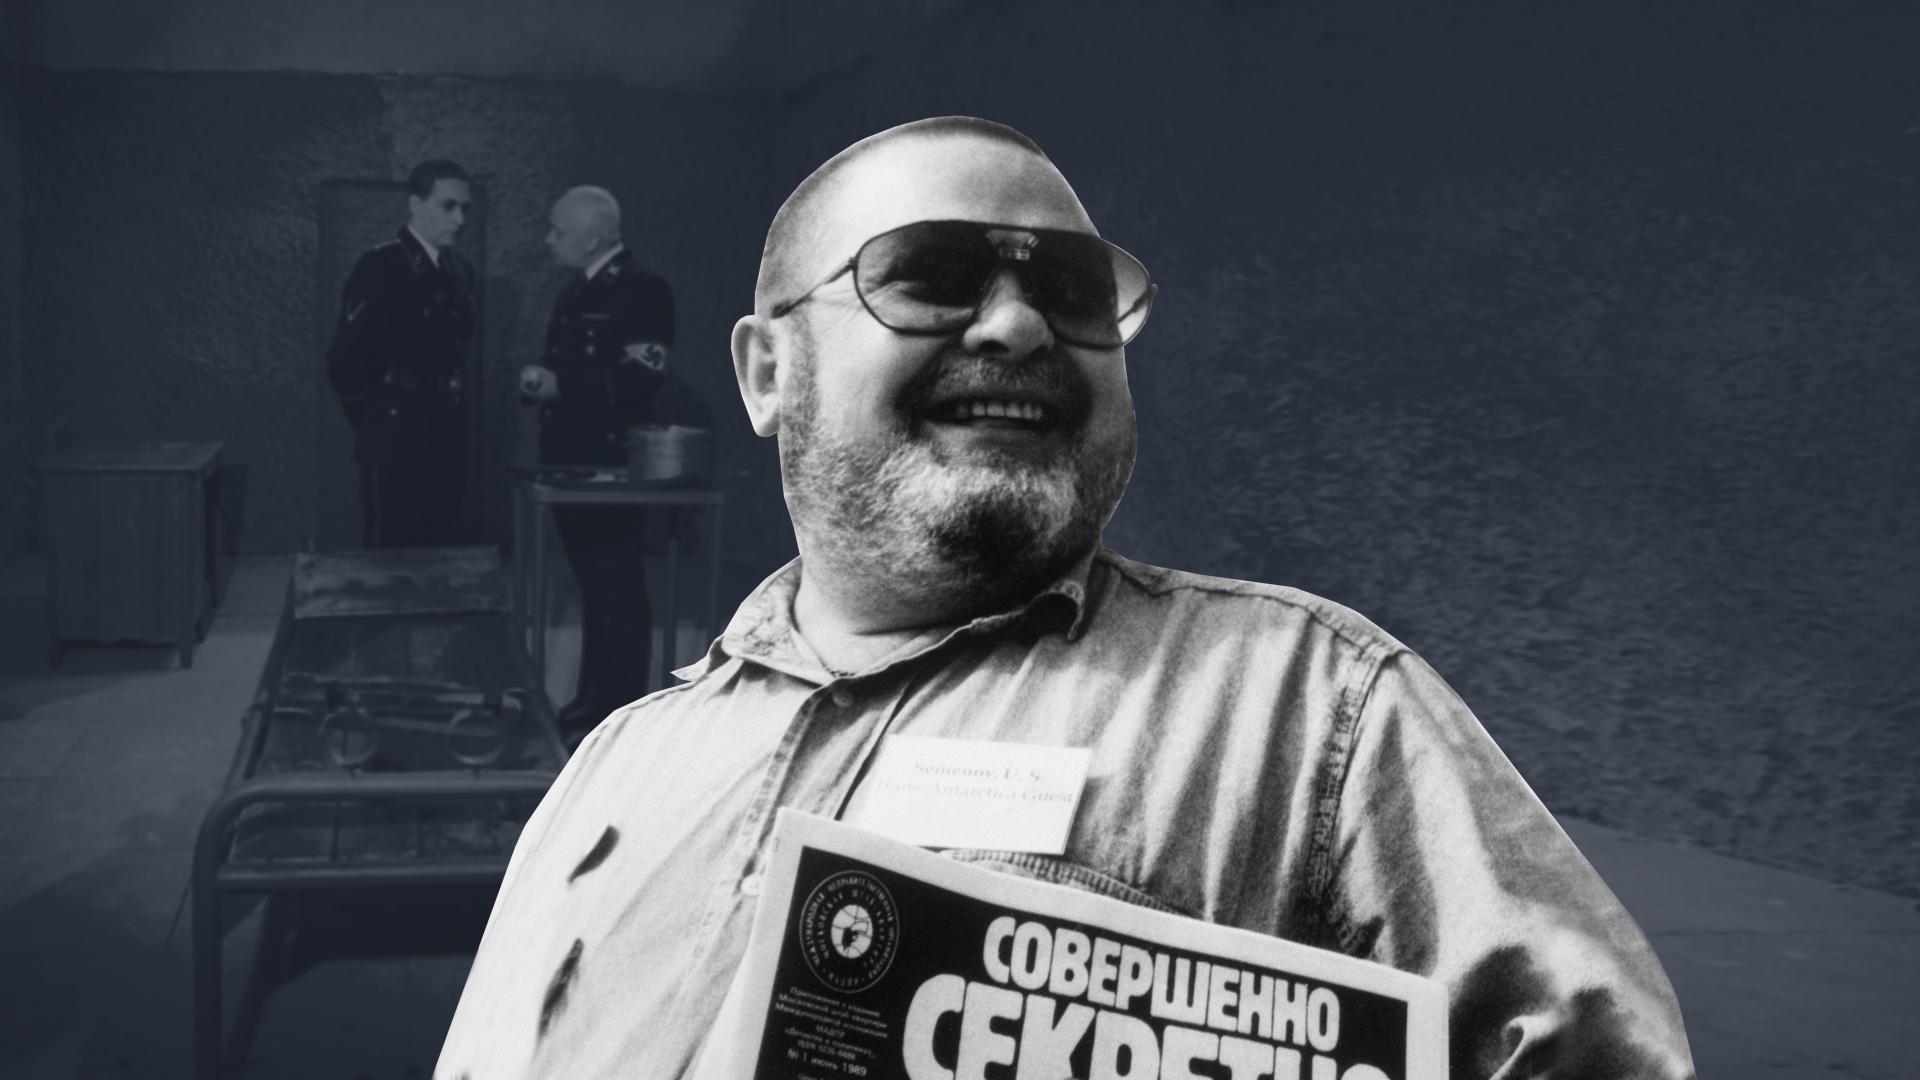 Тайна смерти писателя Юлиана Семёнова. За что могли убрать автора '17 мгновений весны' и 'ТАСС уполномочен заявить'